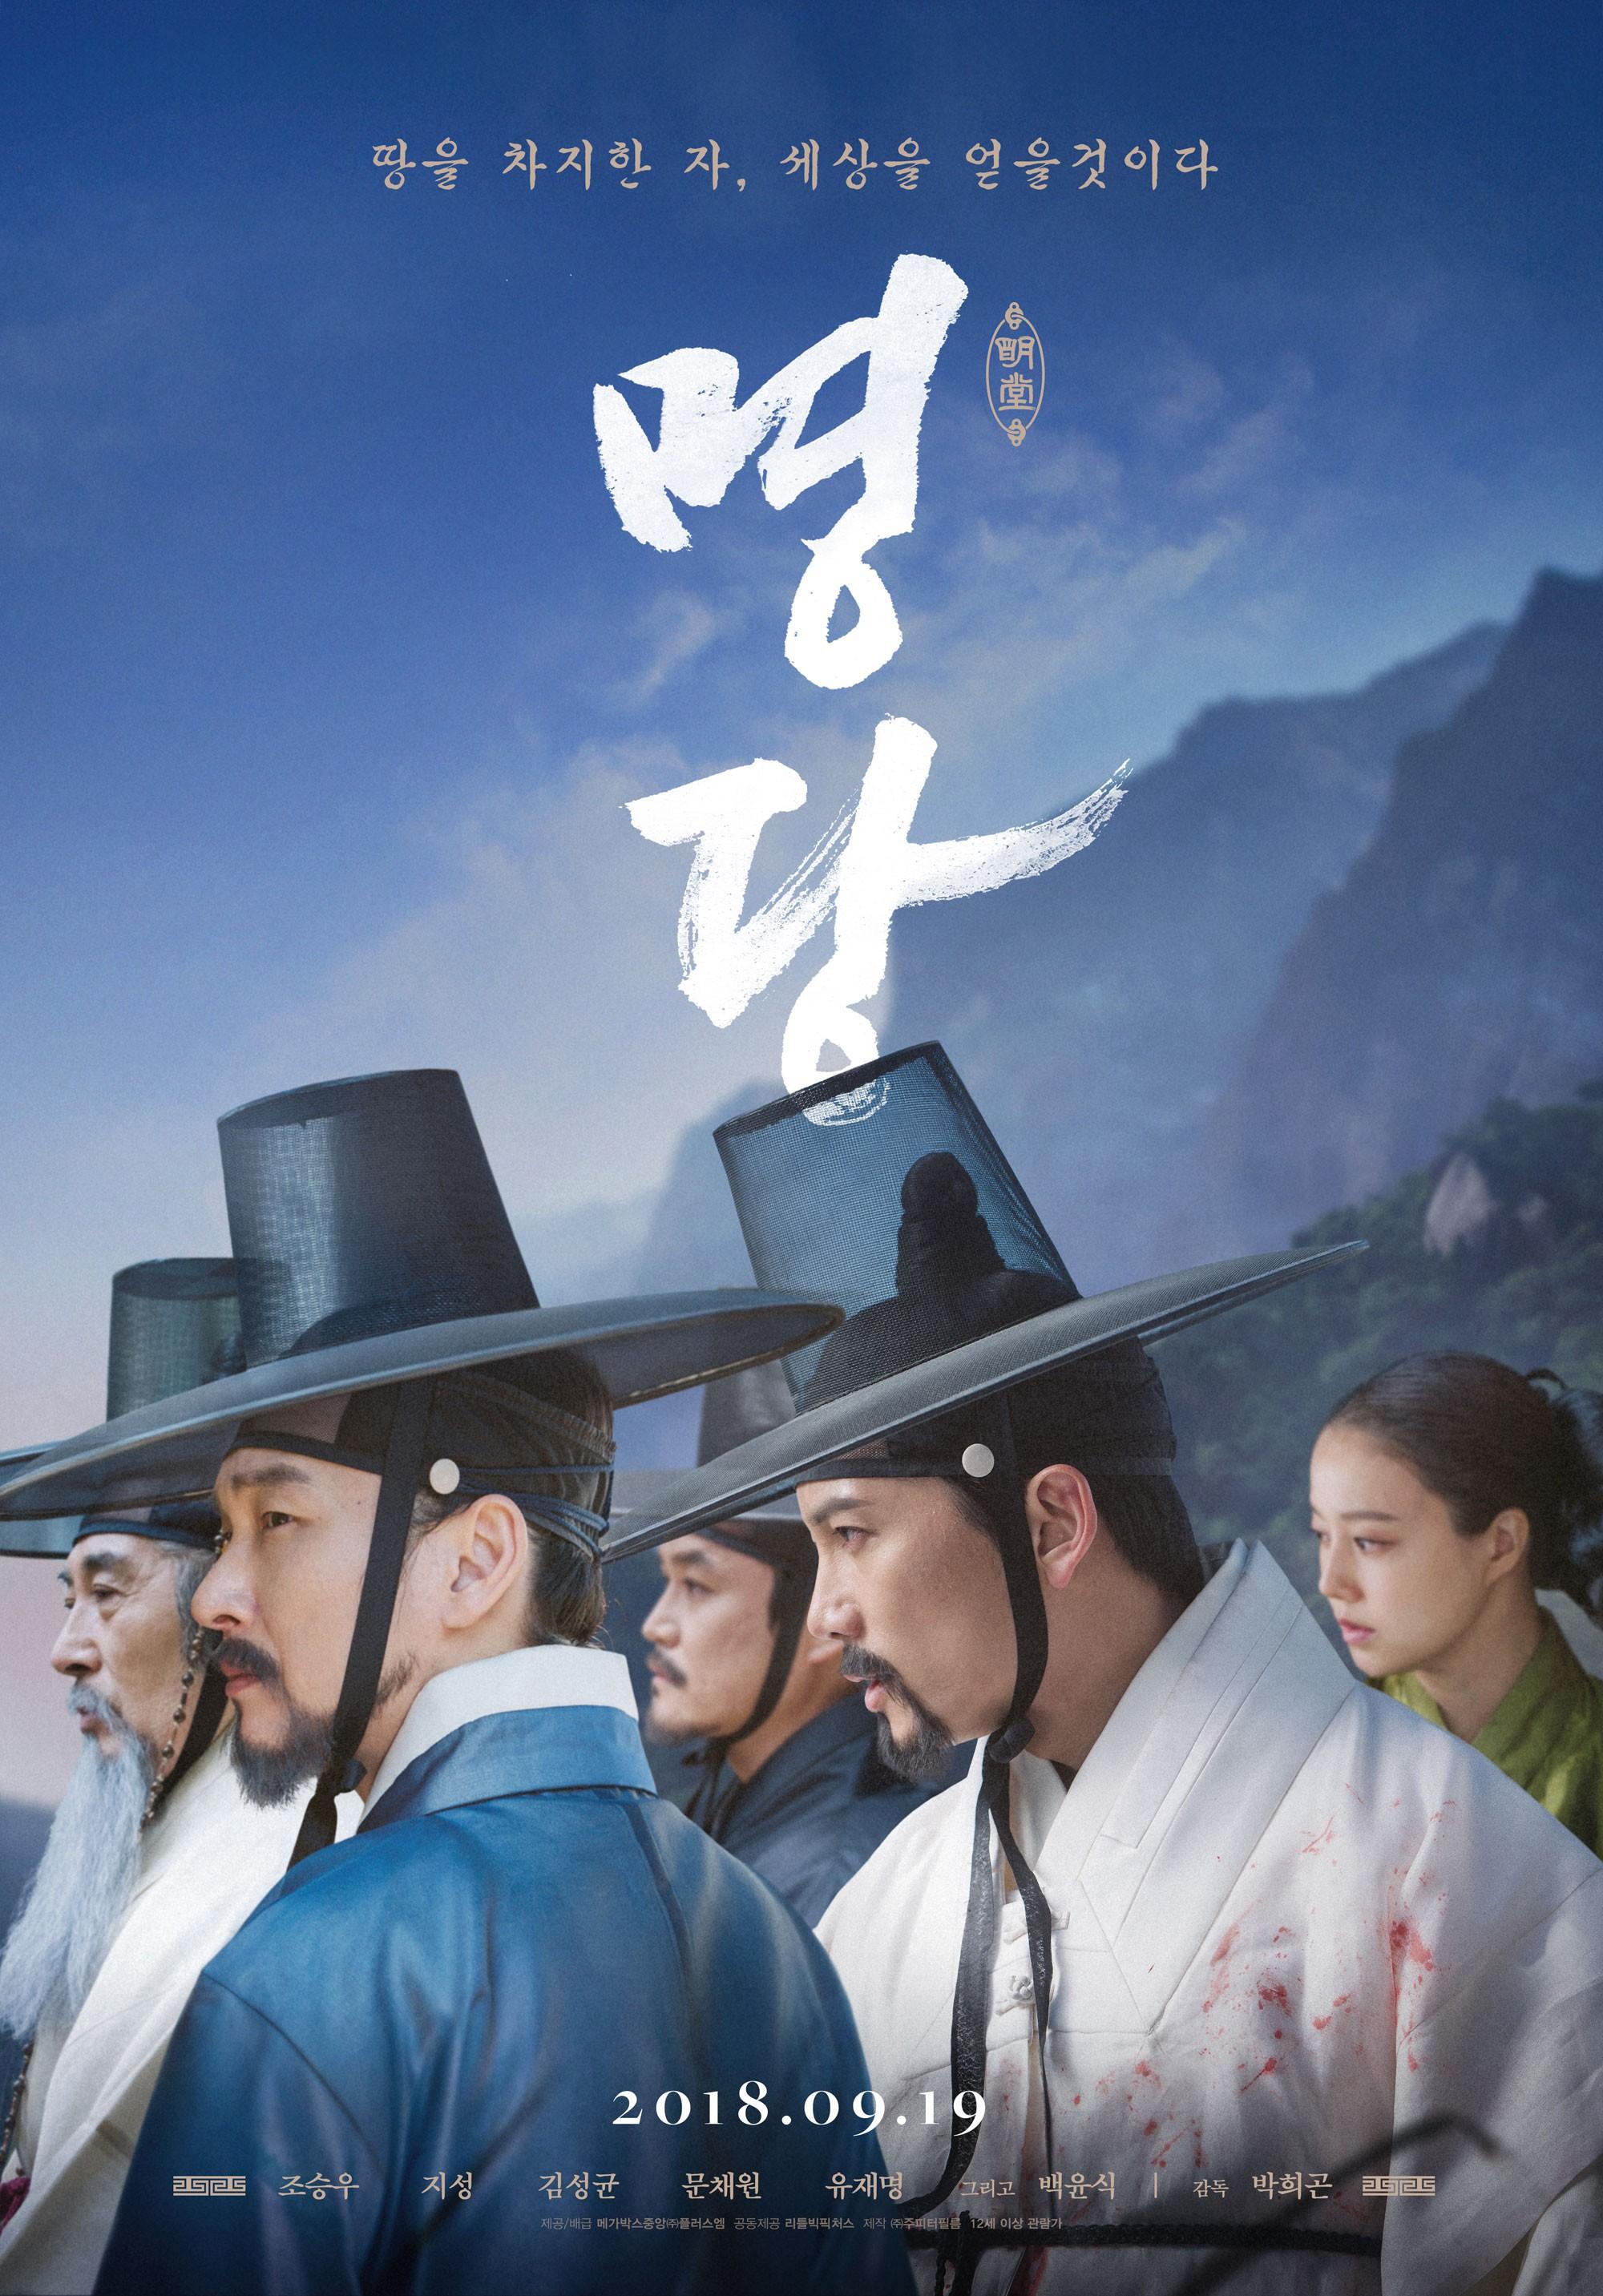 Phim của Son Ye Jin đối đầu bom tấn của Jo In Sung: Kết quả bất ngờ ngay ngày 1 - Ảnh 2.